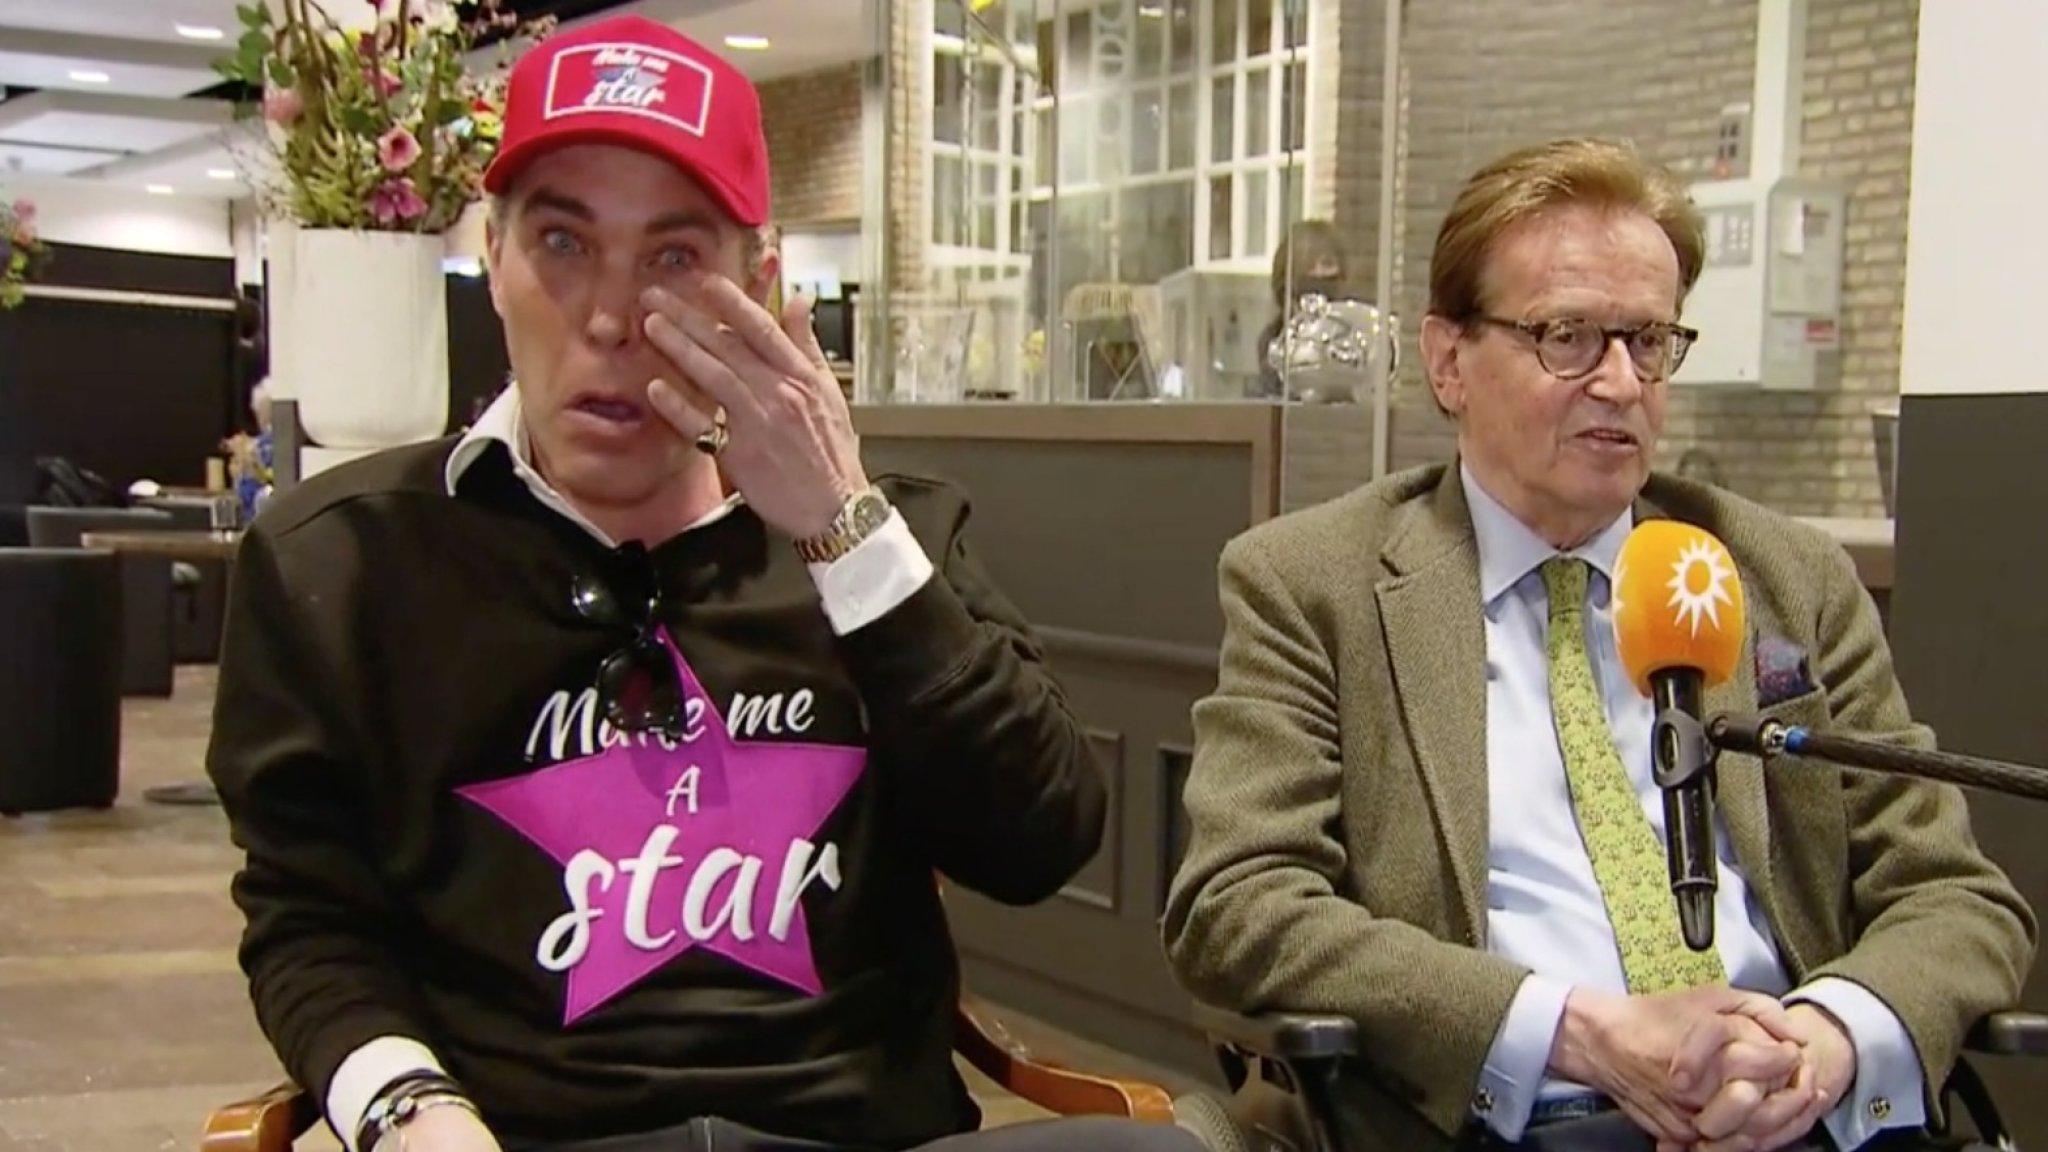 Frank en Rogier emotioneel over scheiding 'tafel en bed' - RTL Nieuws